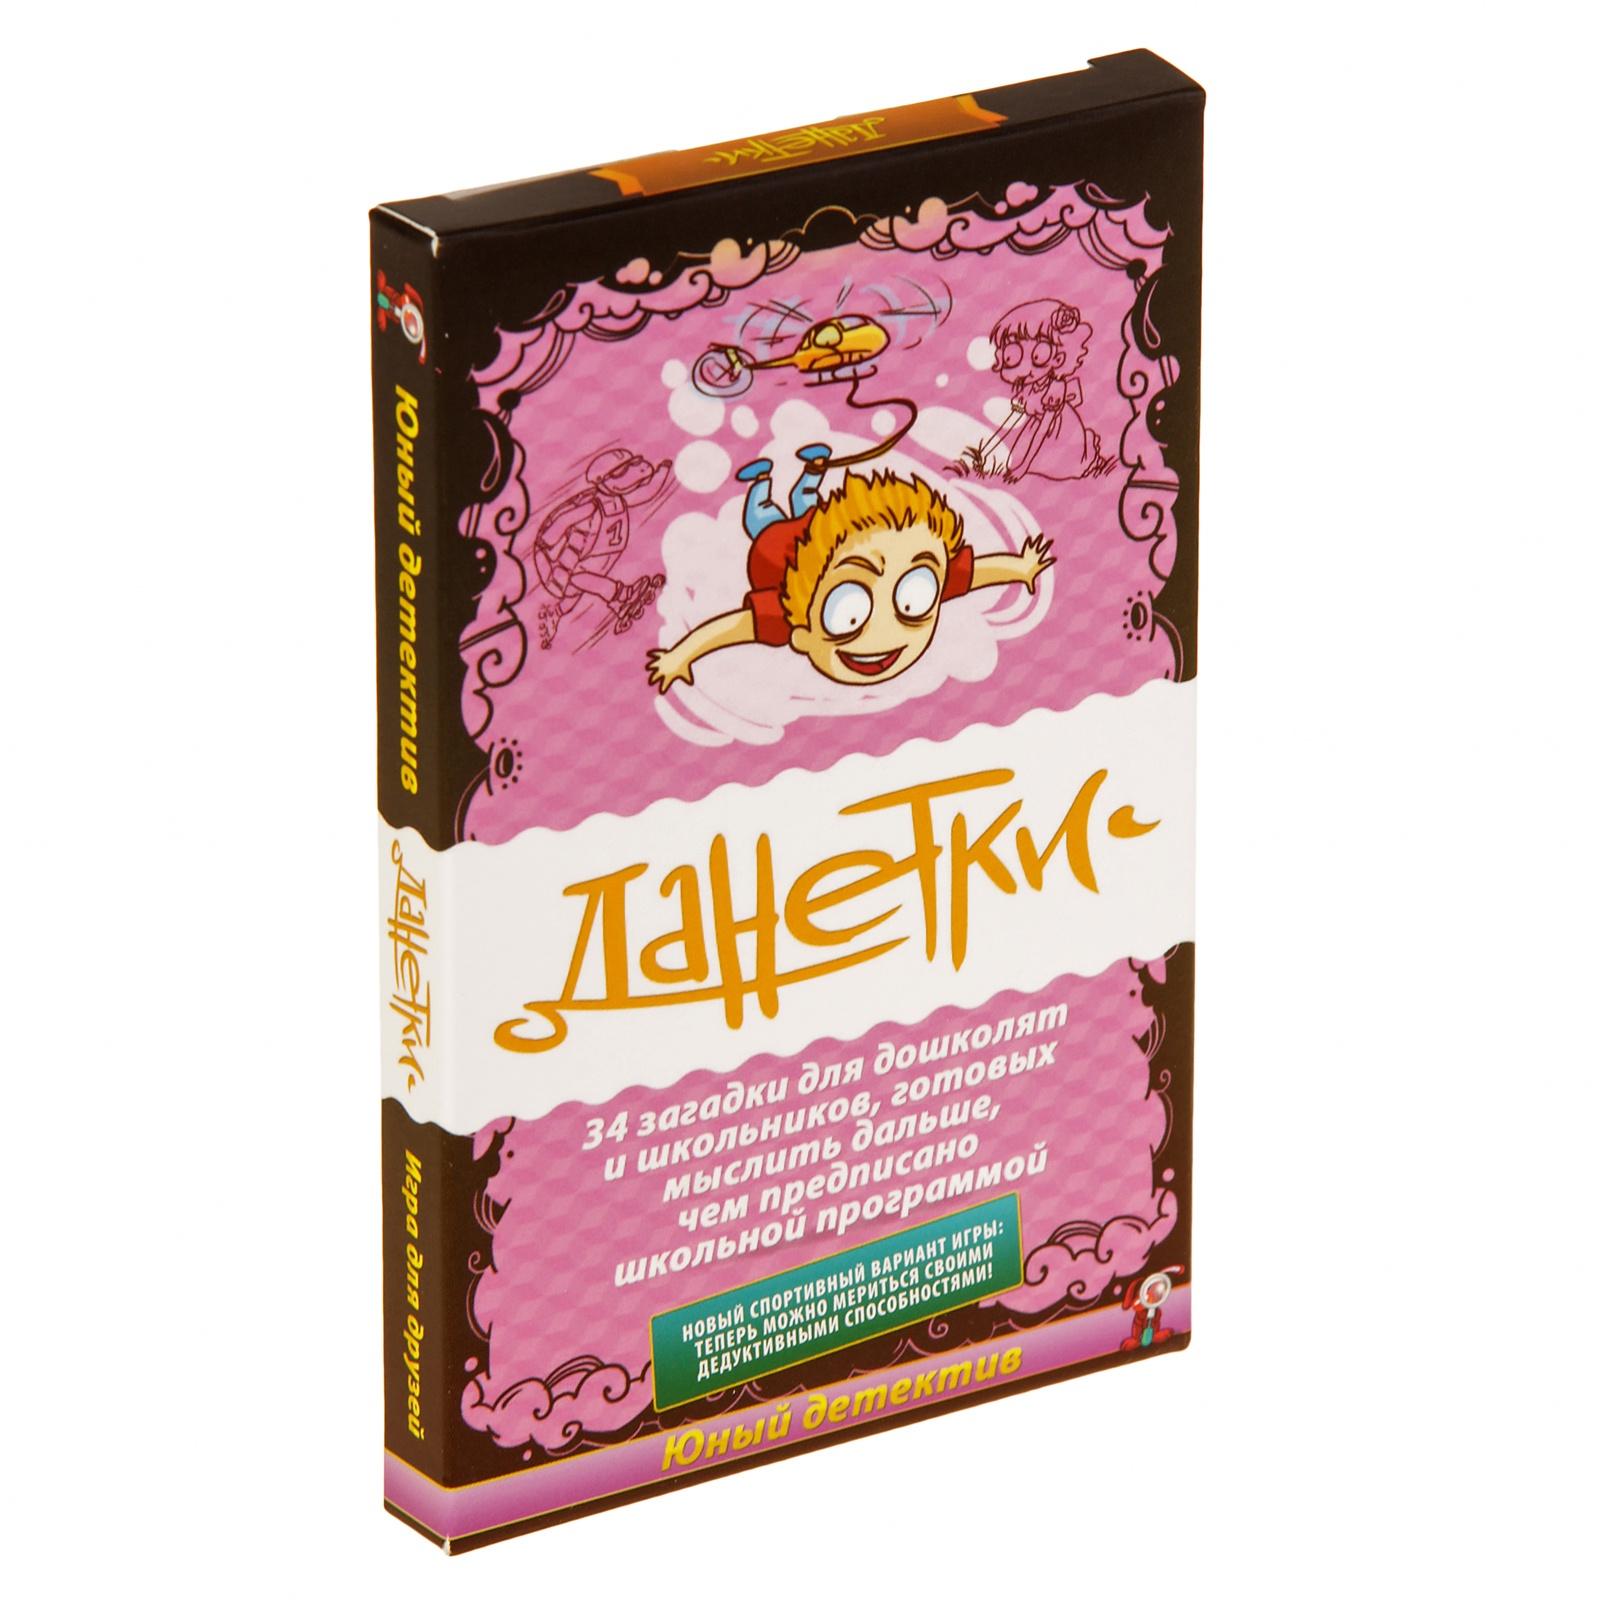 Настольная игра Данетки. Юный детектив розовый игра настольная юный повар пицца 20х3 5х24 5см